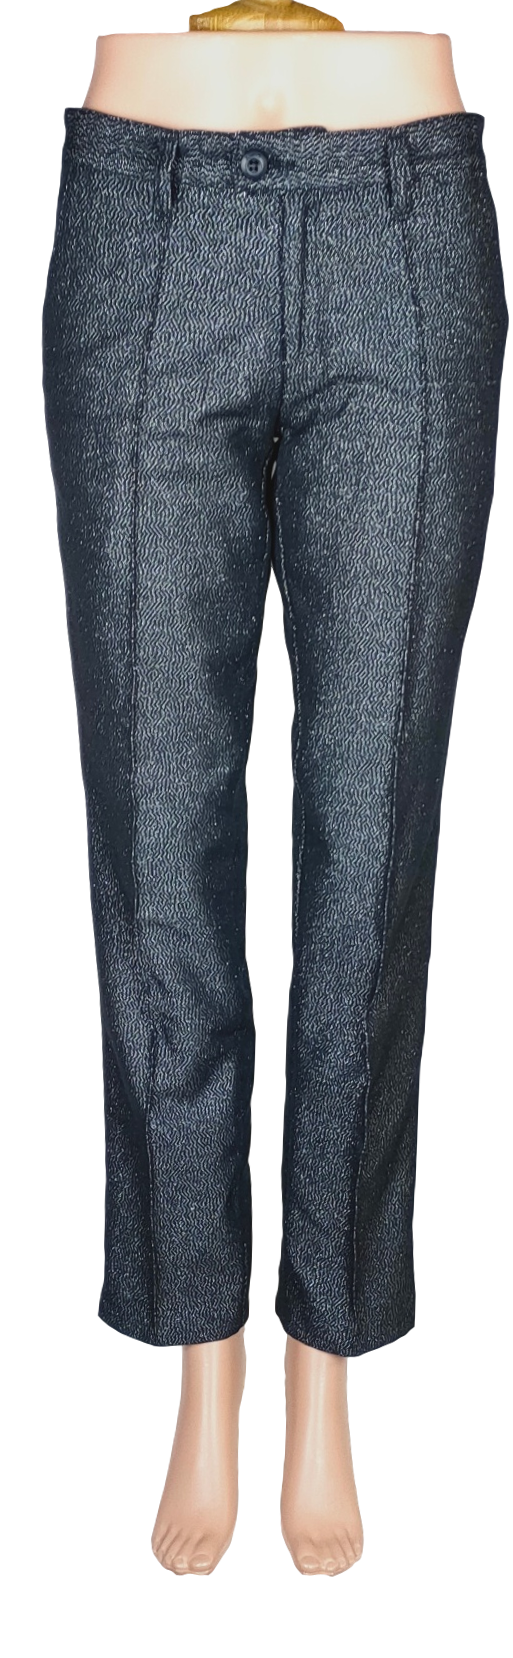 Pantalon Kulte - Taille S